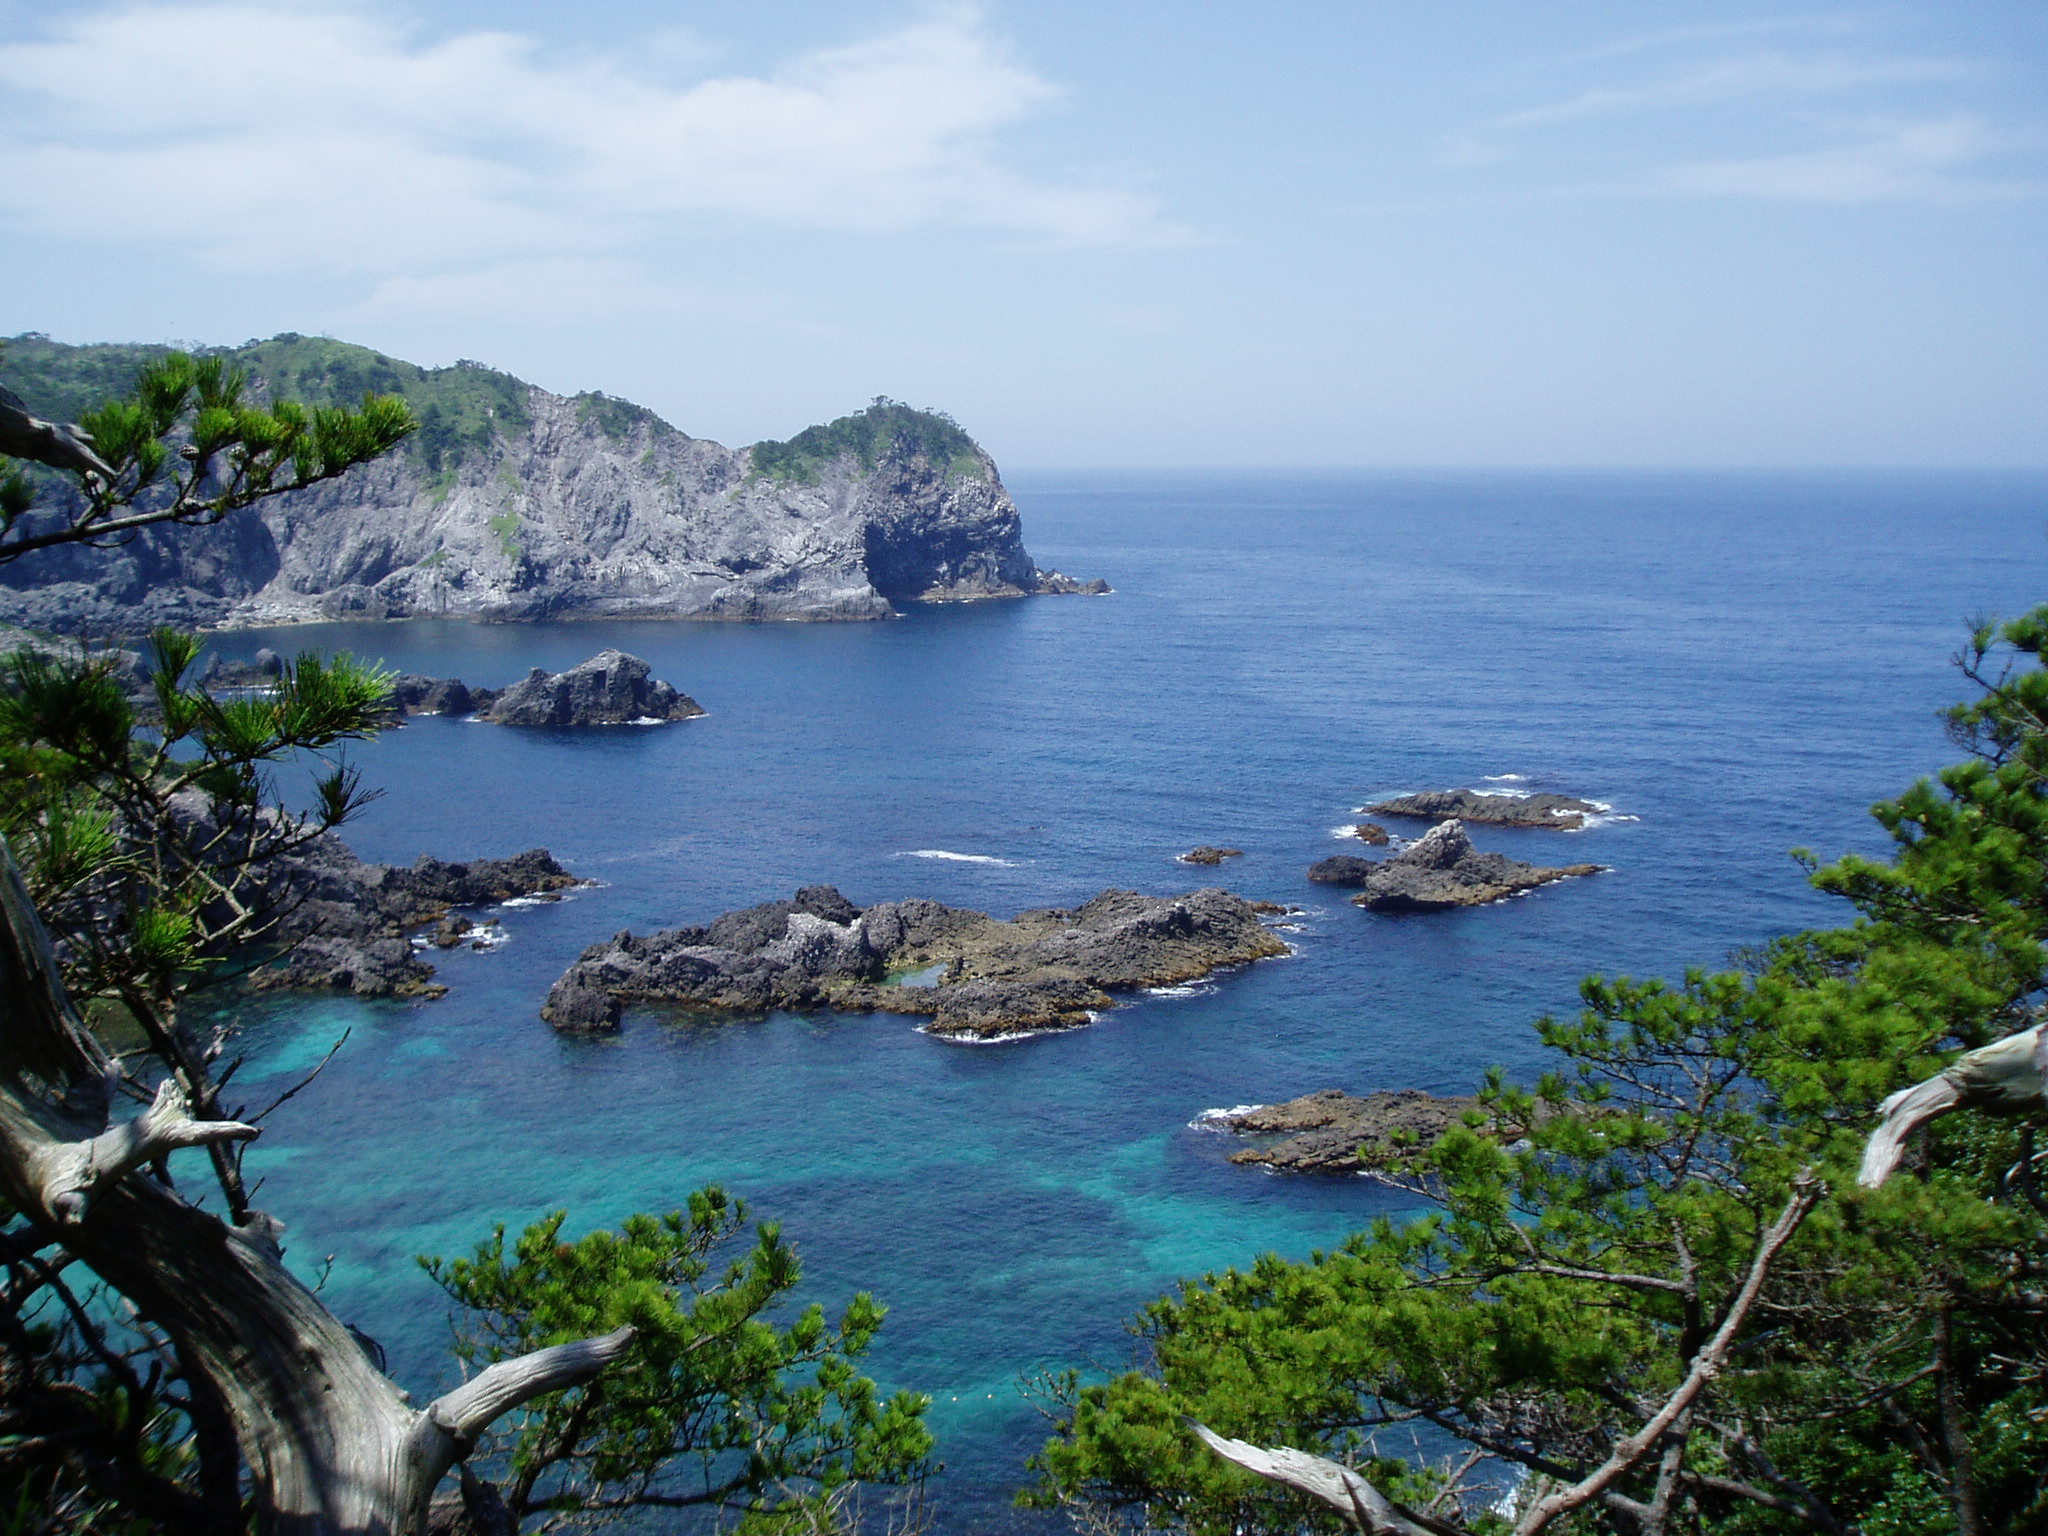 竹芝発 東海汽船(大型客船) 式根島  最大4ダイブ付 4日間3